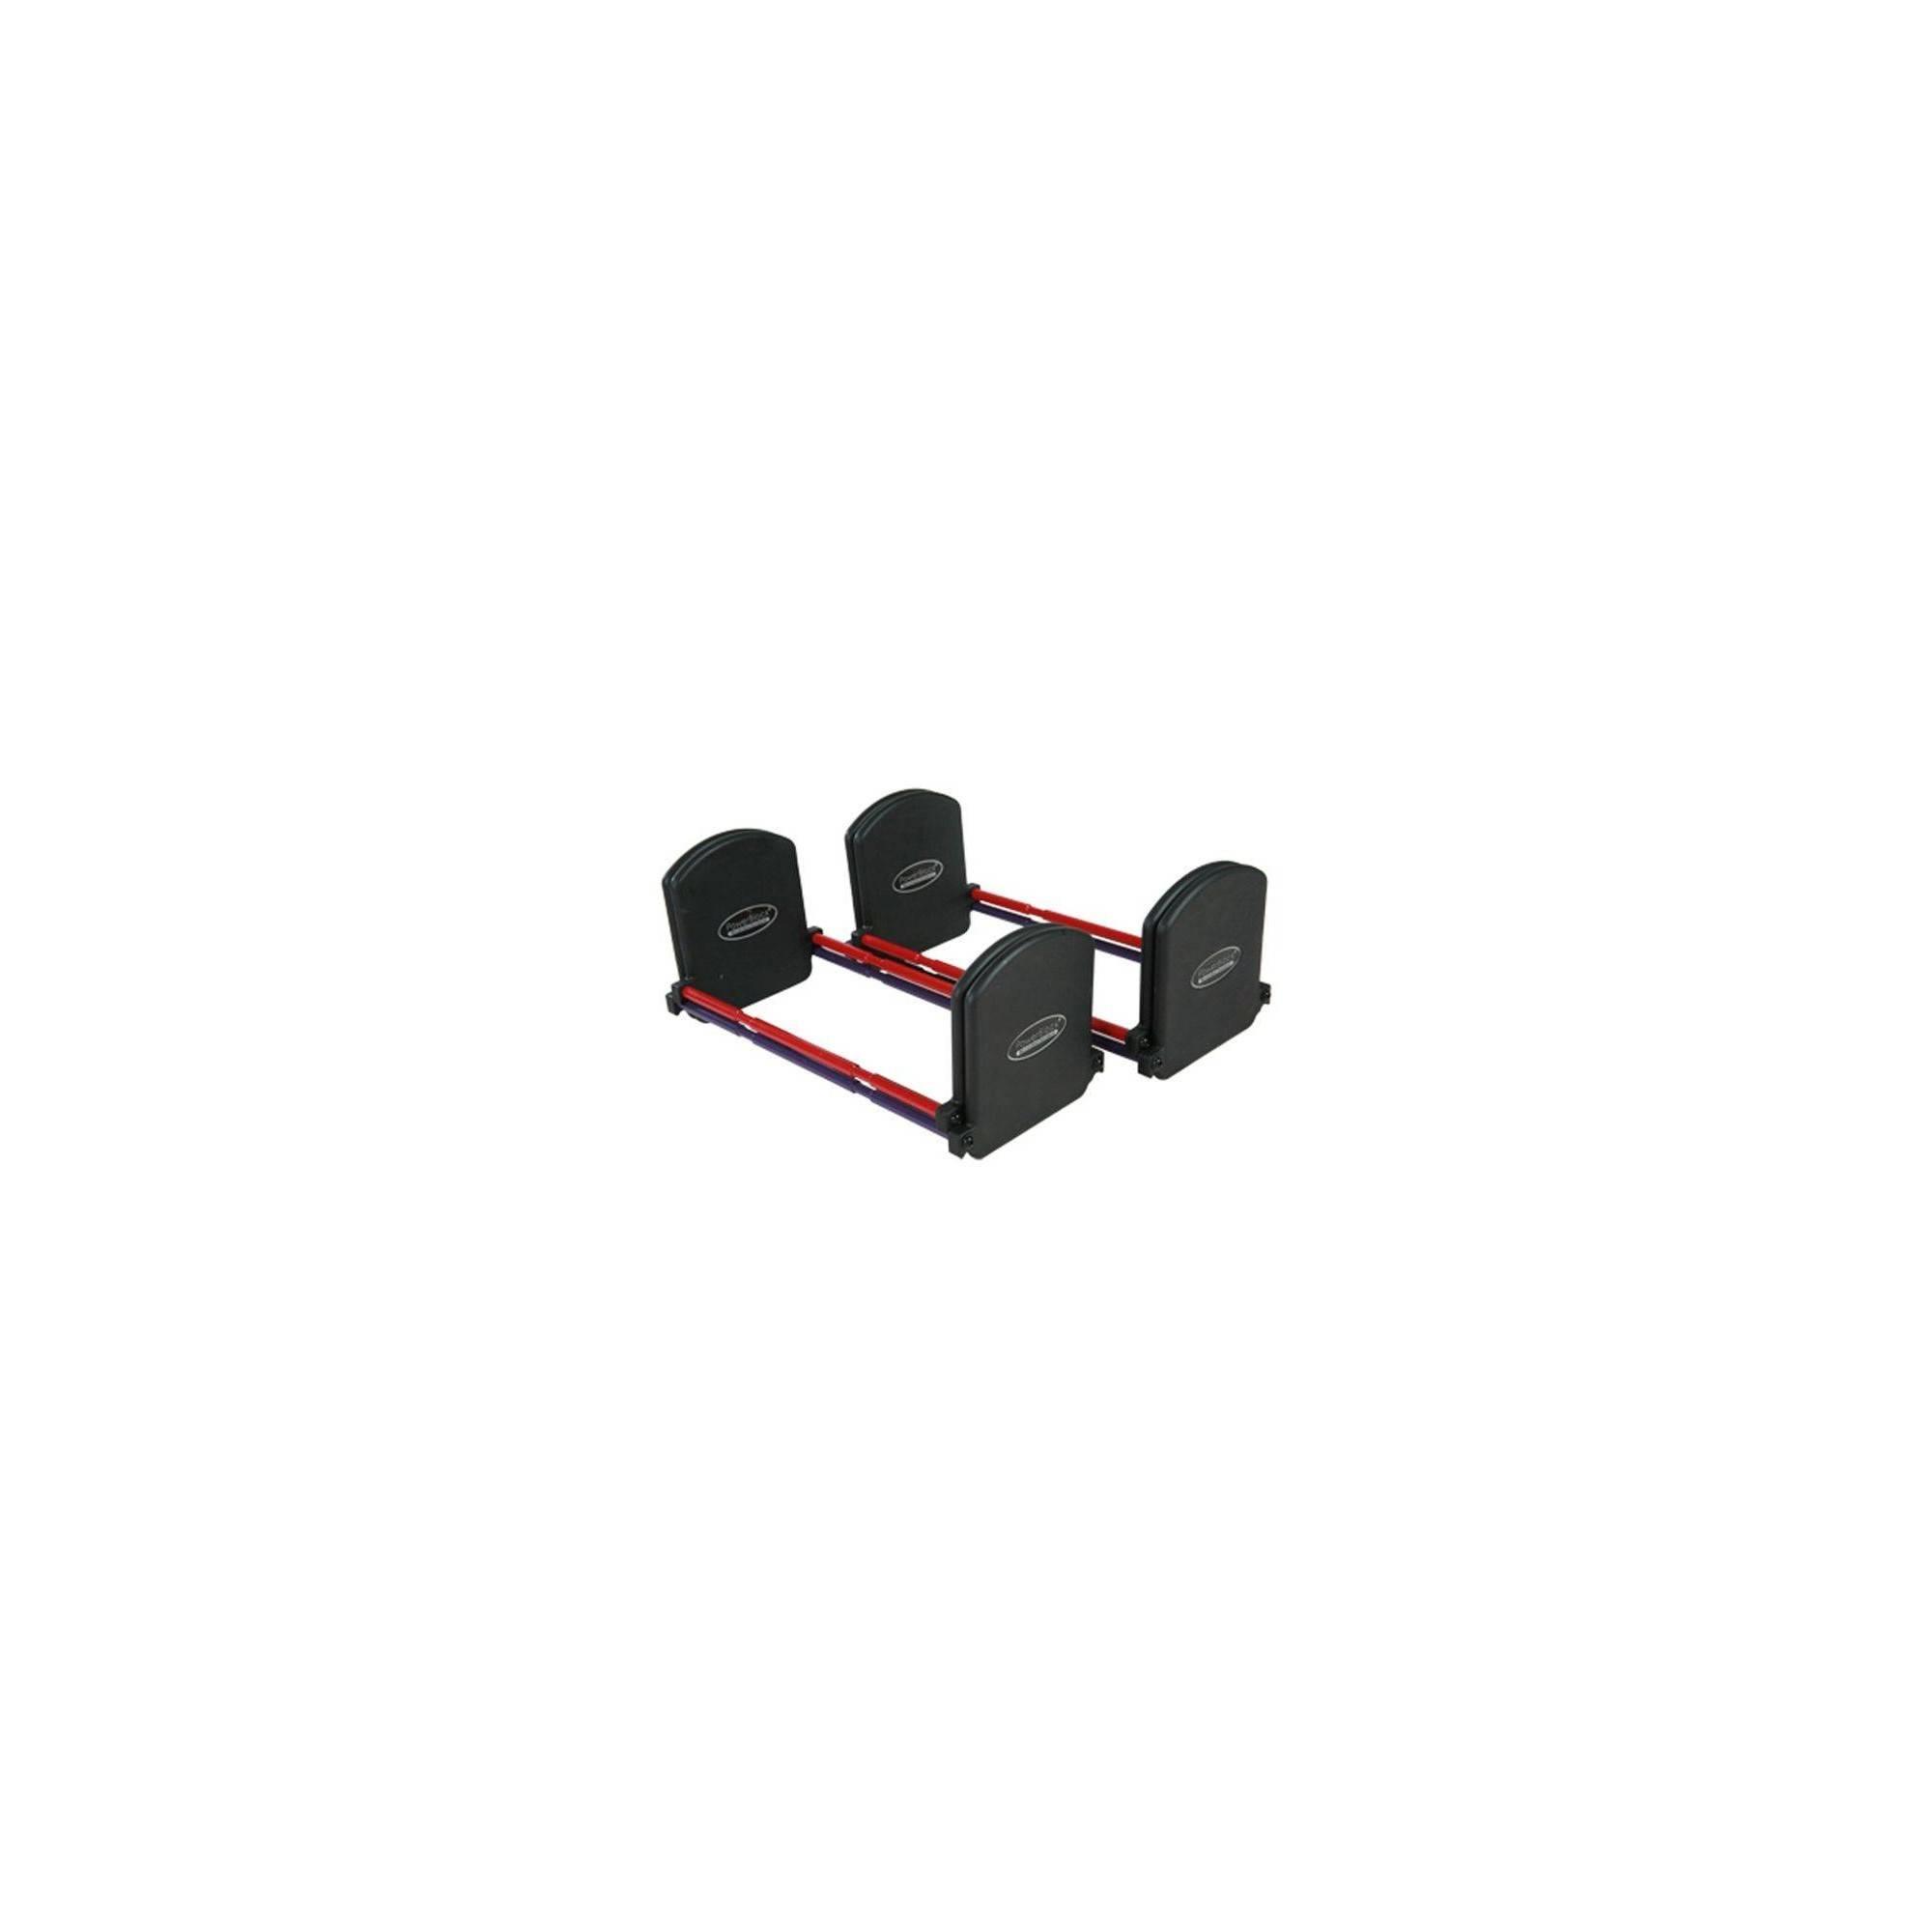 Obciążenie modułowe do kompletu hantli regulowanych PowerBlock PBU90BB 33 - 41 kg,producent: POWER BLOCK, photo: 1